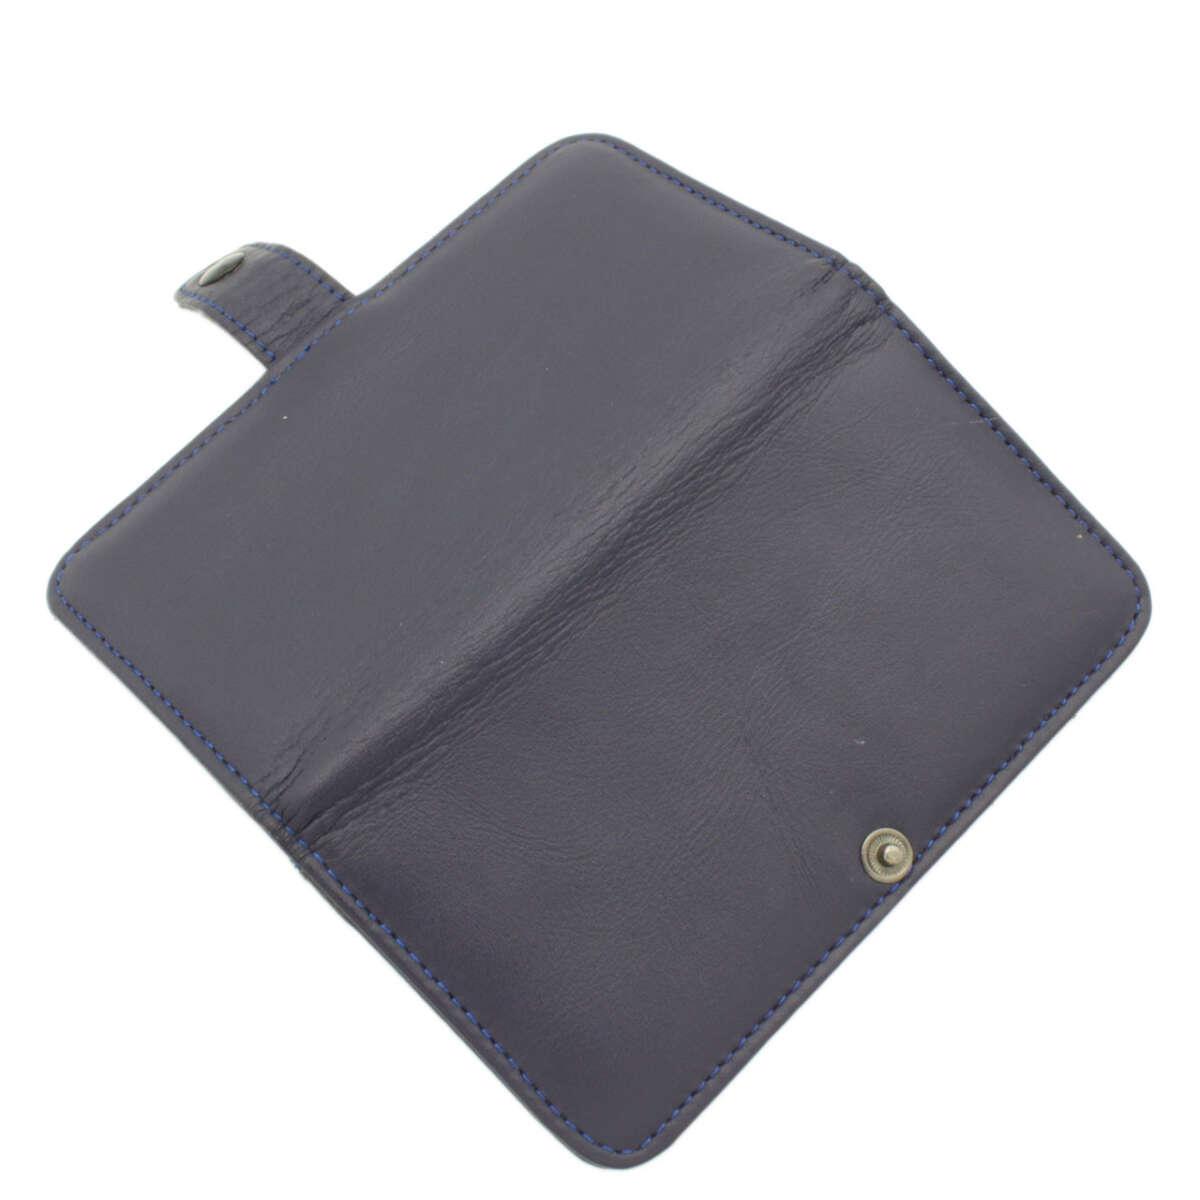 Ốp lưng dạng ví iPhone 5s/SE da bò B1041a